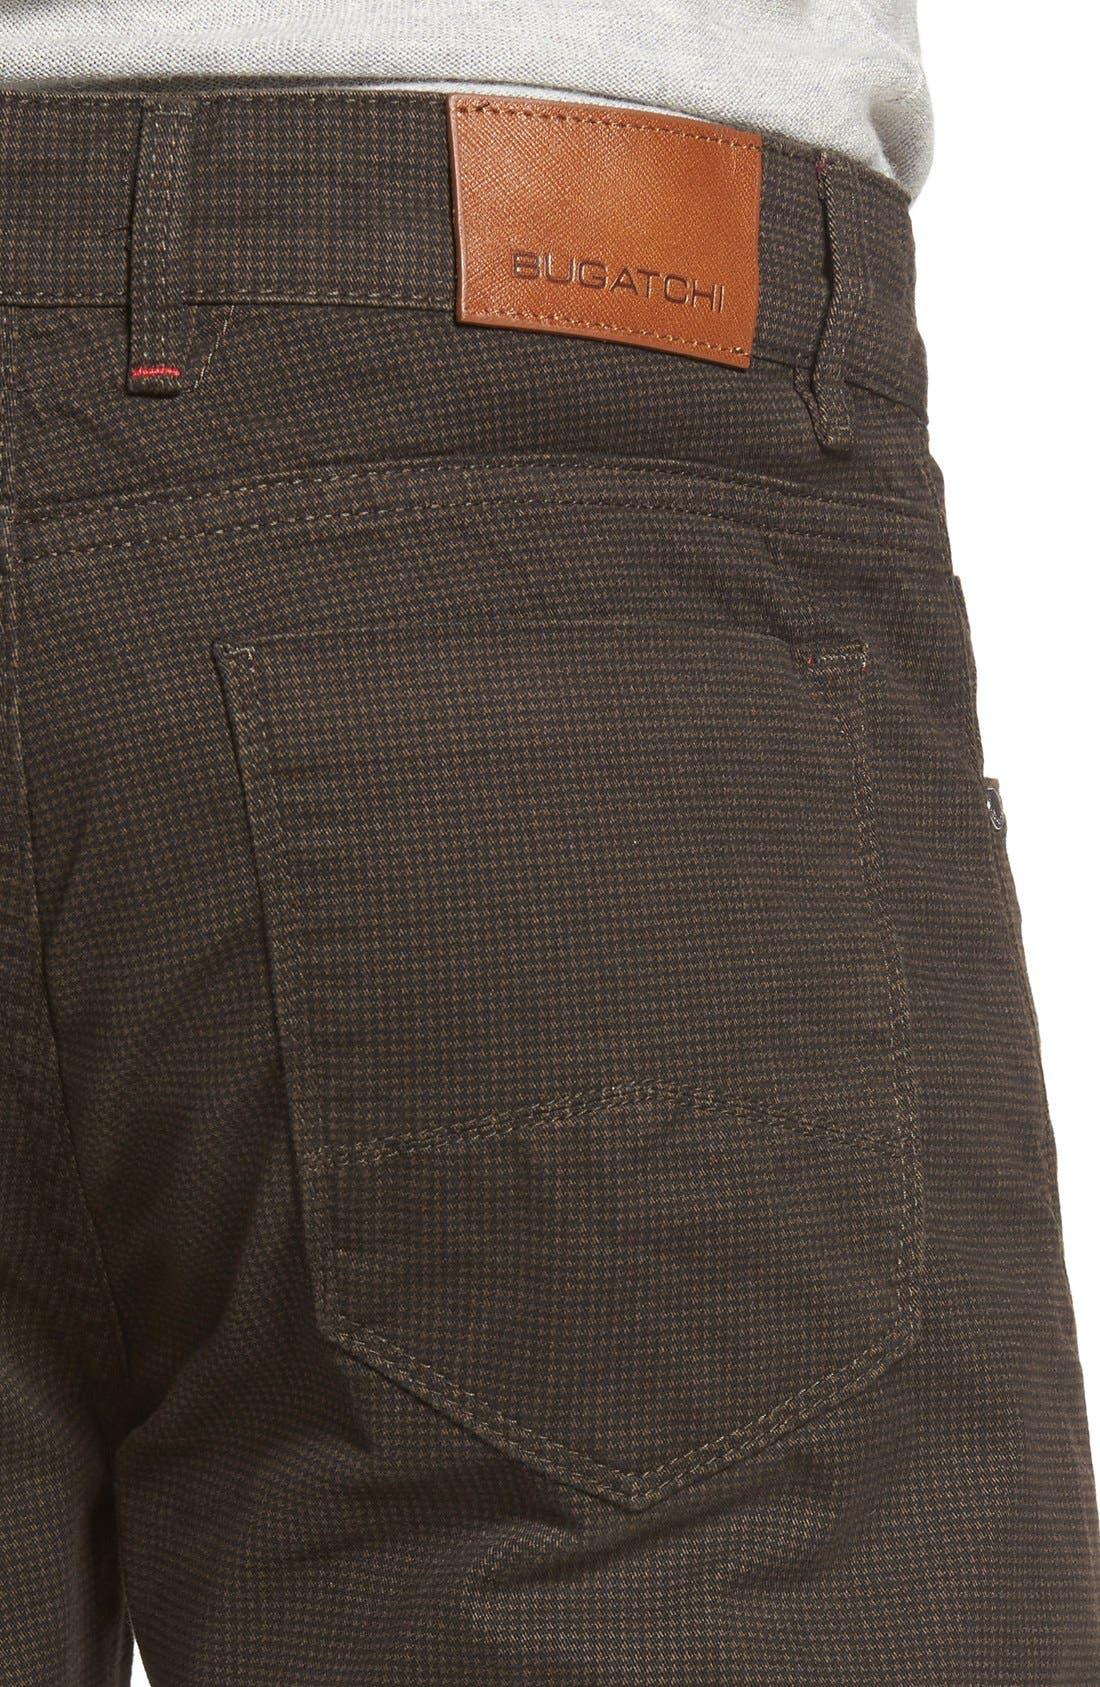 Mini Check Five-Pocket Pants,                             Alternate thumbnail 4, color,                             Truffle